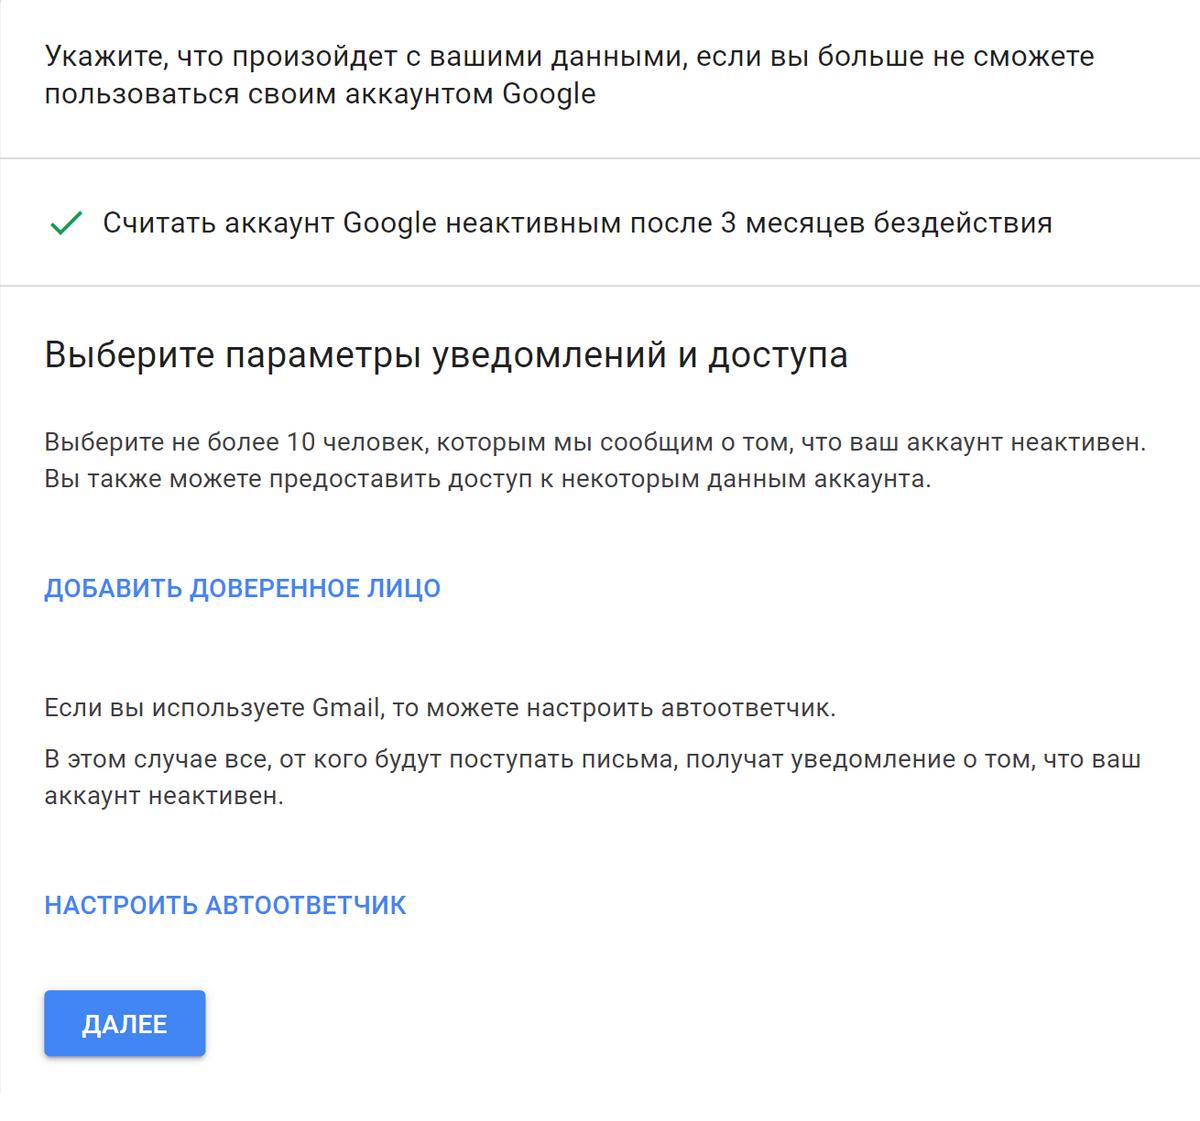 В настройках гугл-аккаунта можно выбрать, через сколько месяцев система свяжется с вашими близкими. И добавить список из 10 адресов